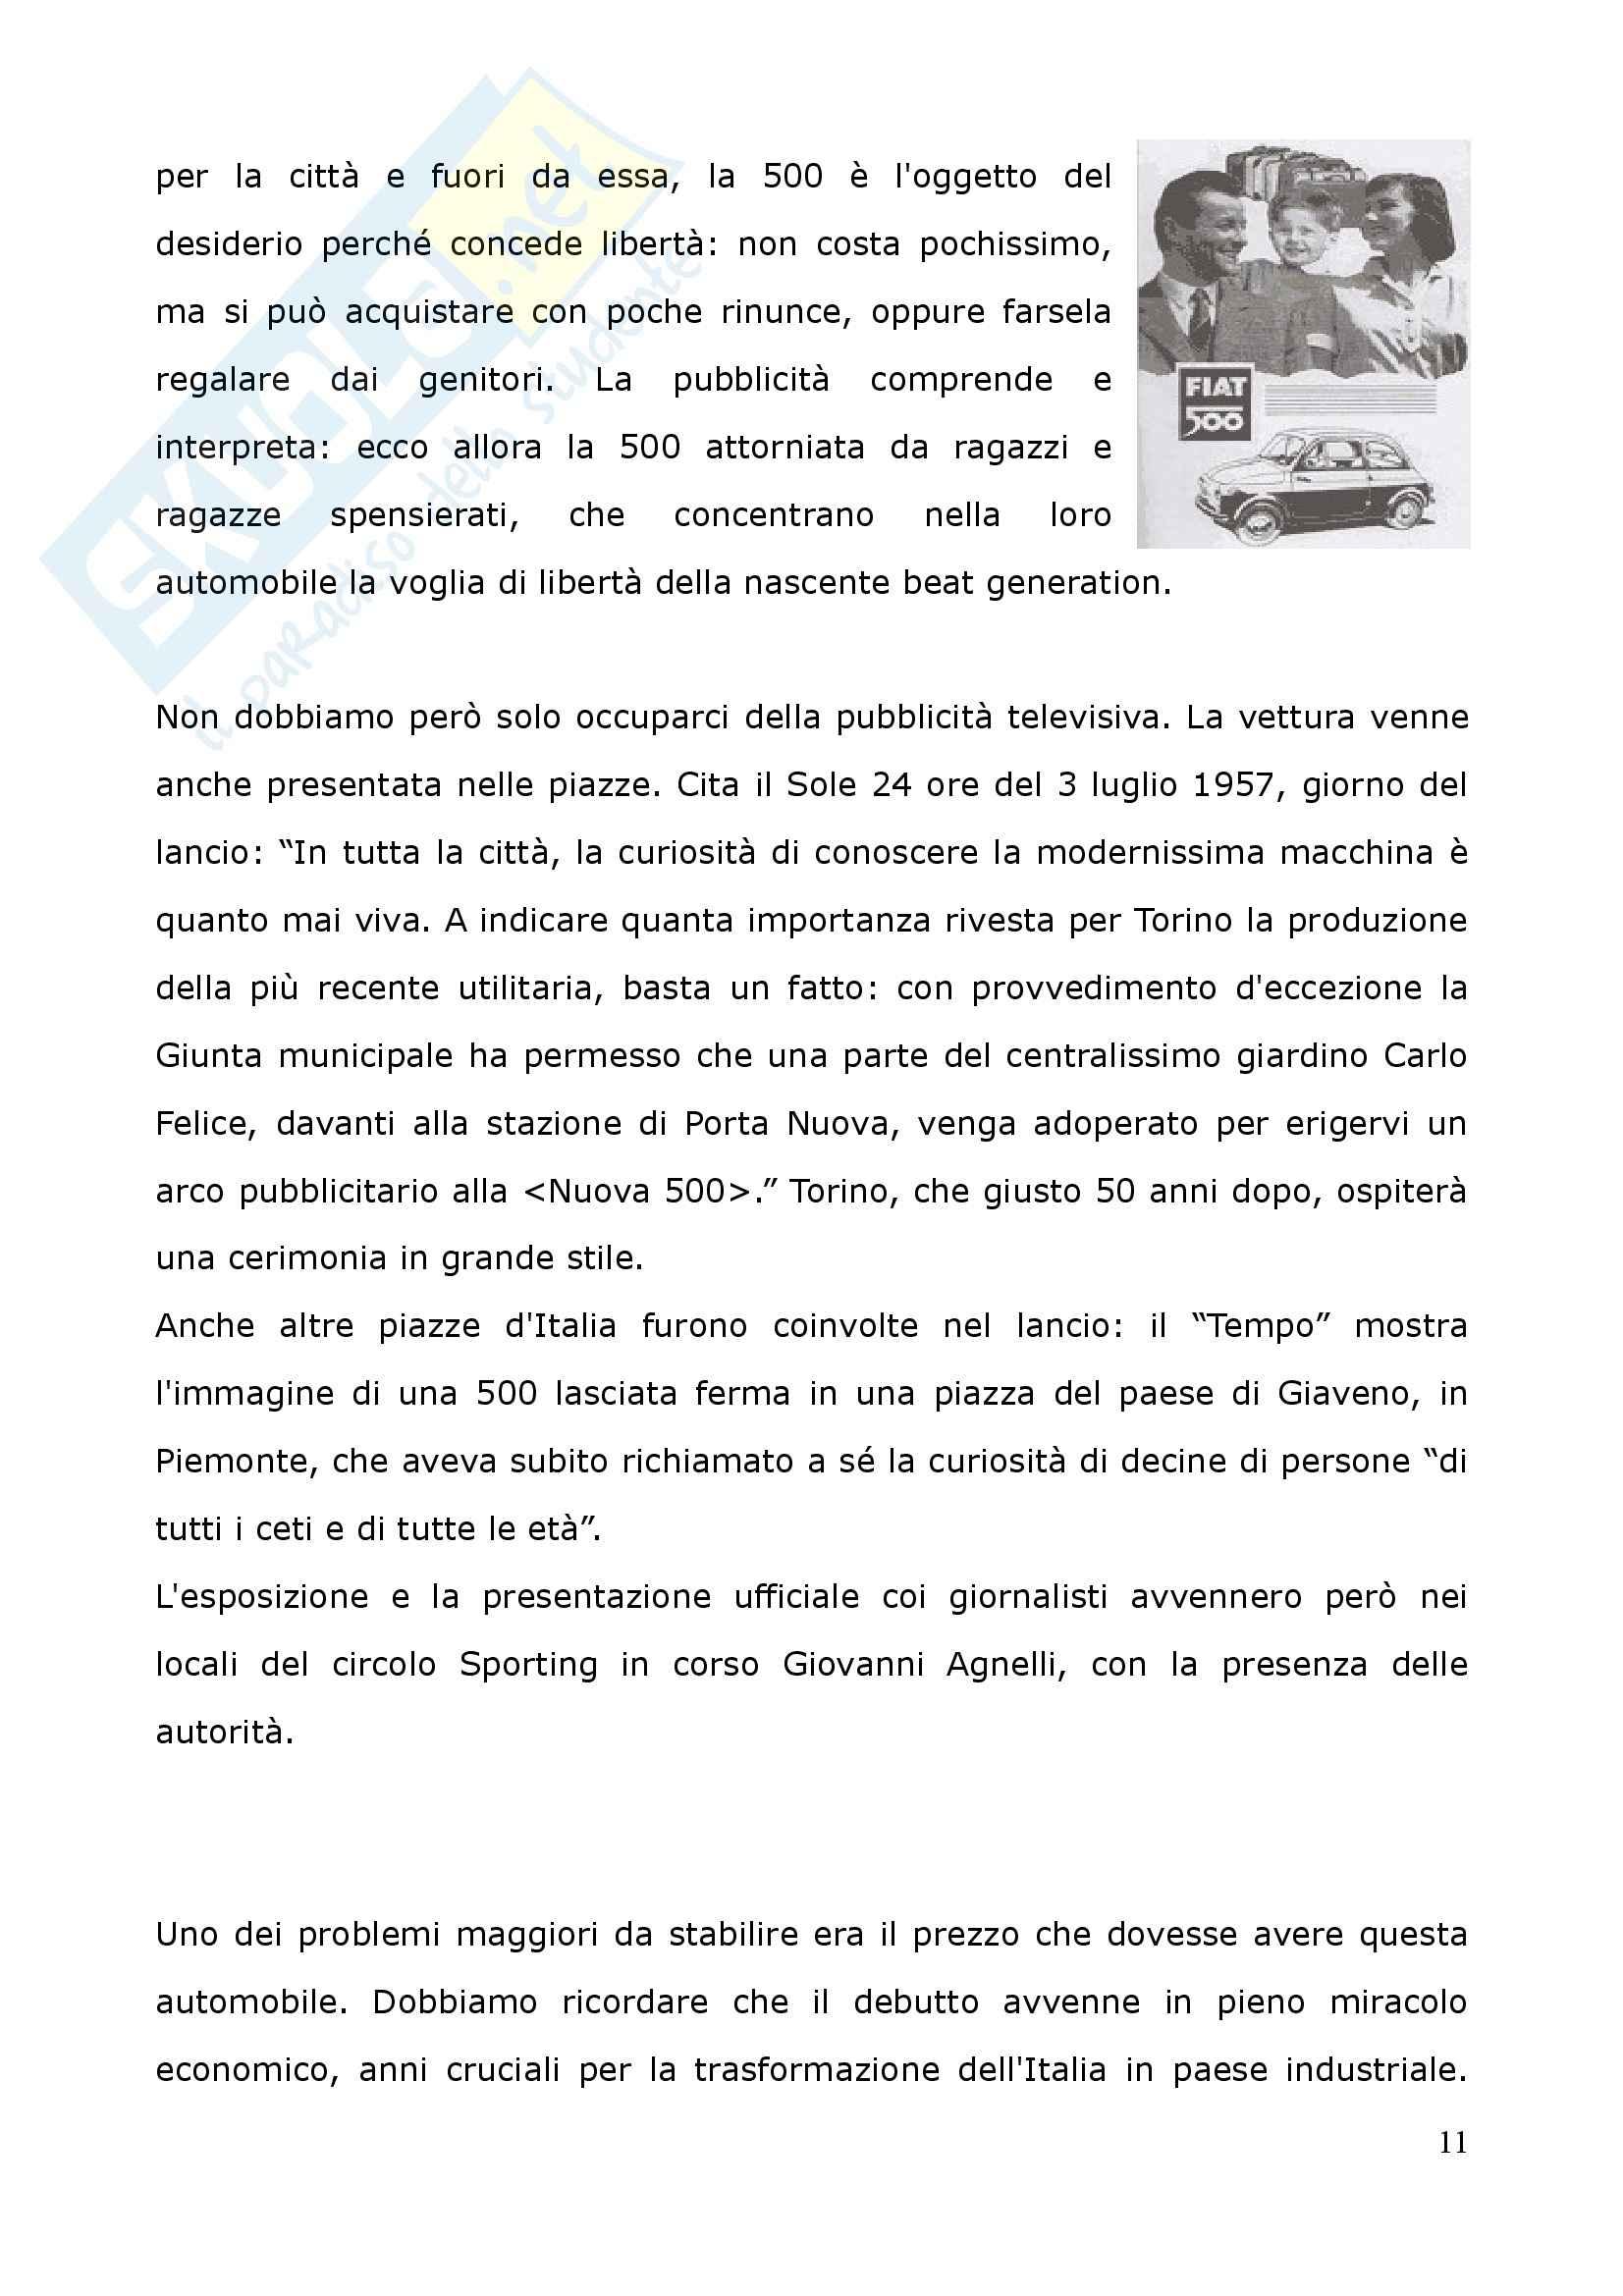 Tesi - La piccola grande vettura: 500 Fiat Pag. 11